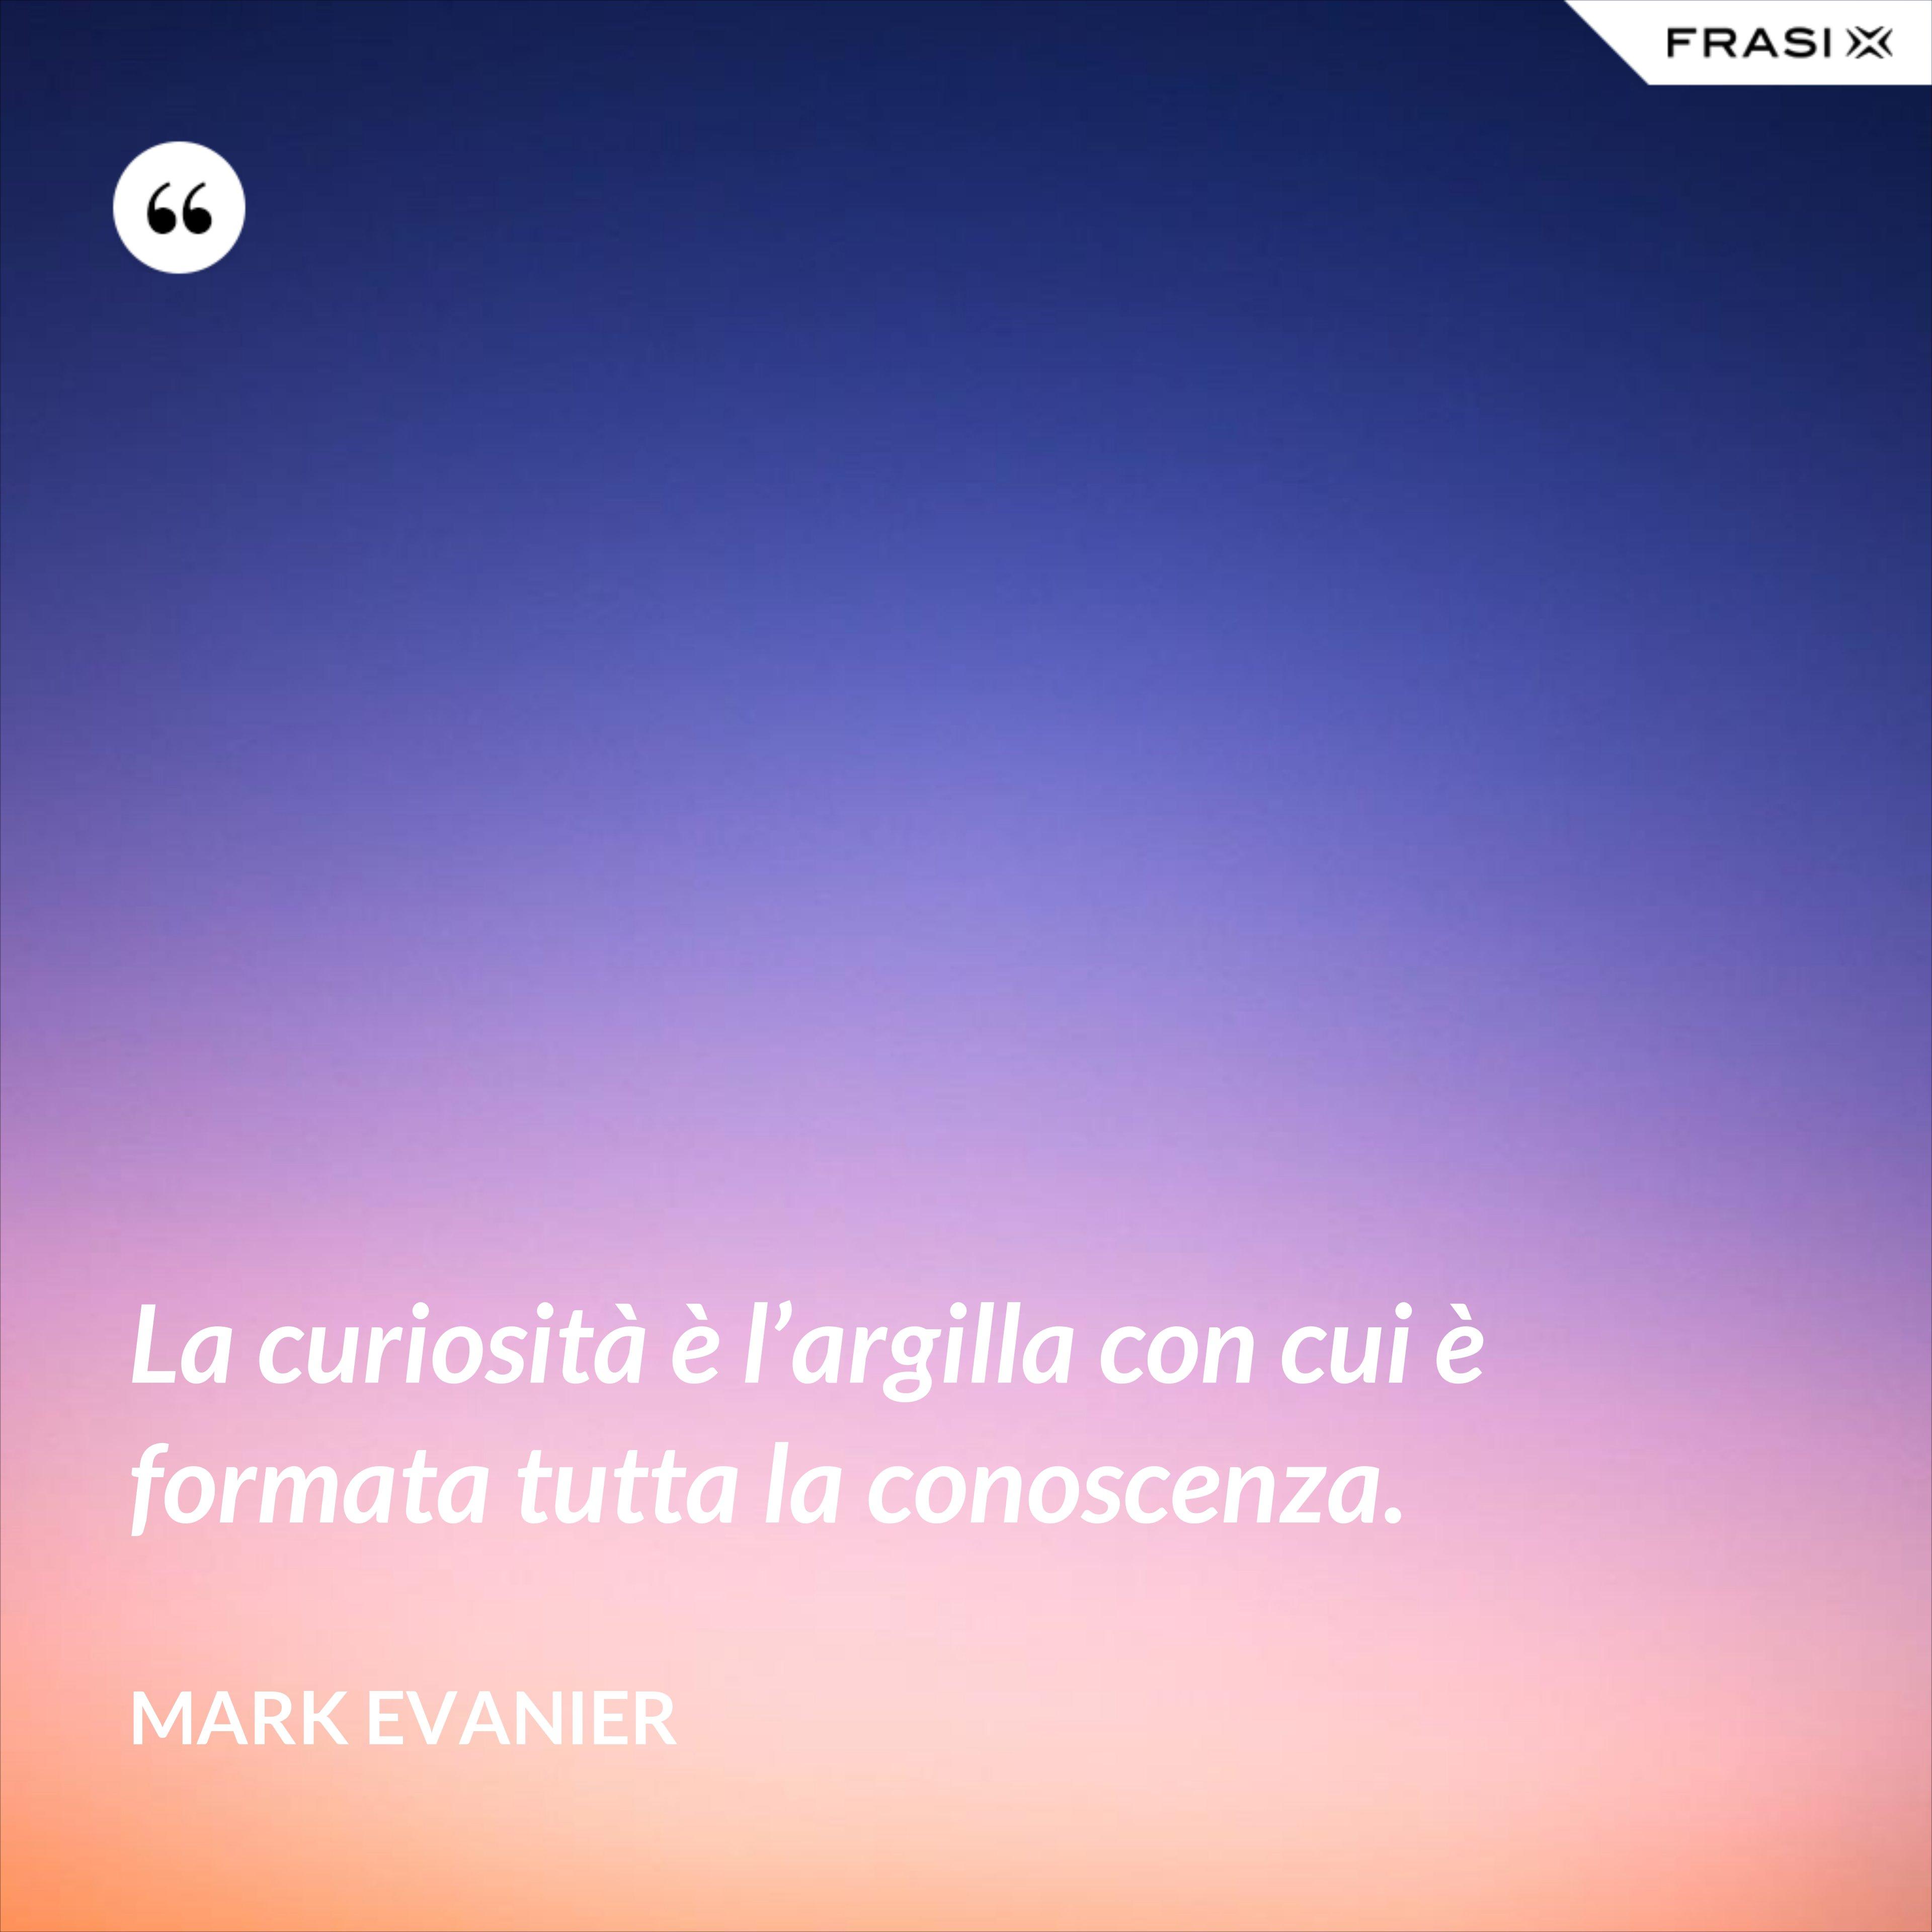 La curiosità è l'argilla con cui è formata tutta la conoscenza. - Mark Evanier